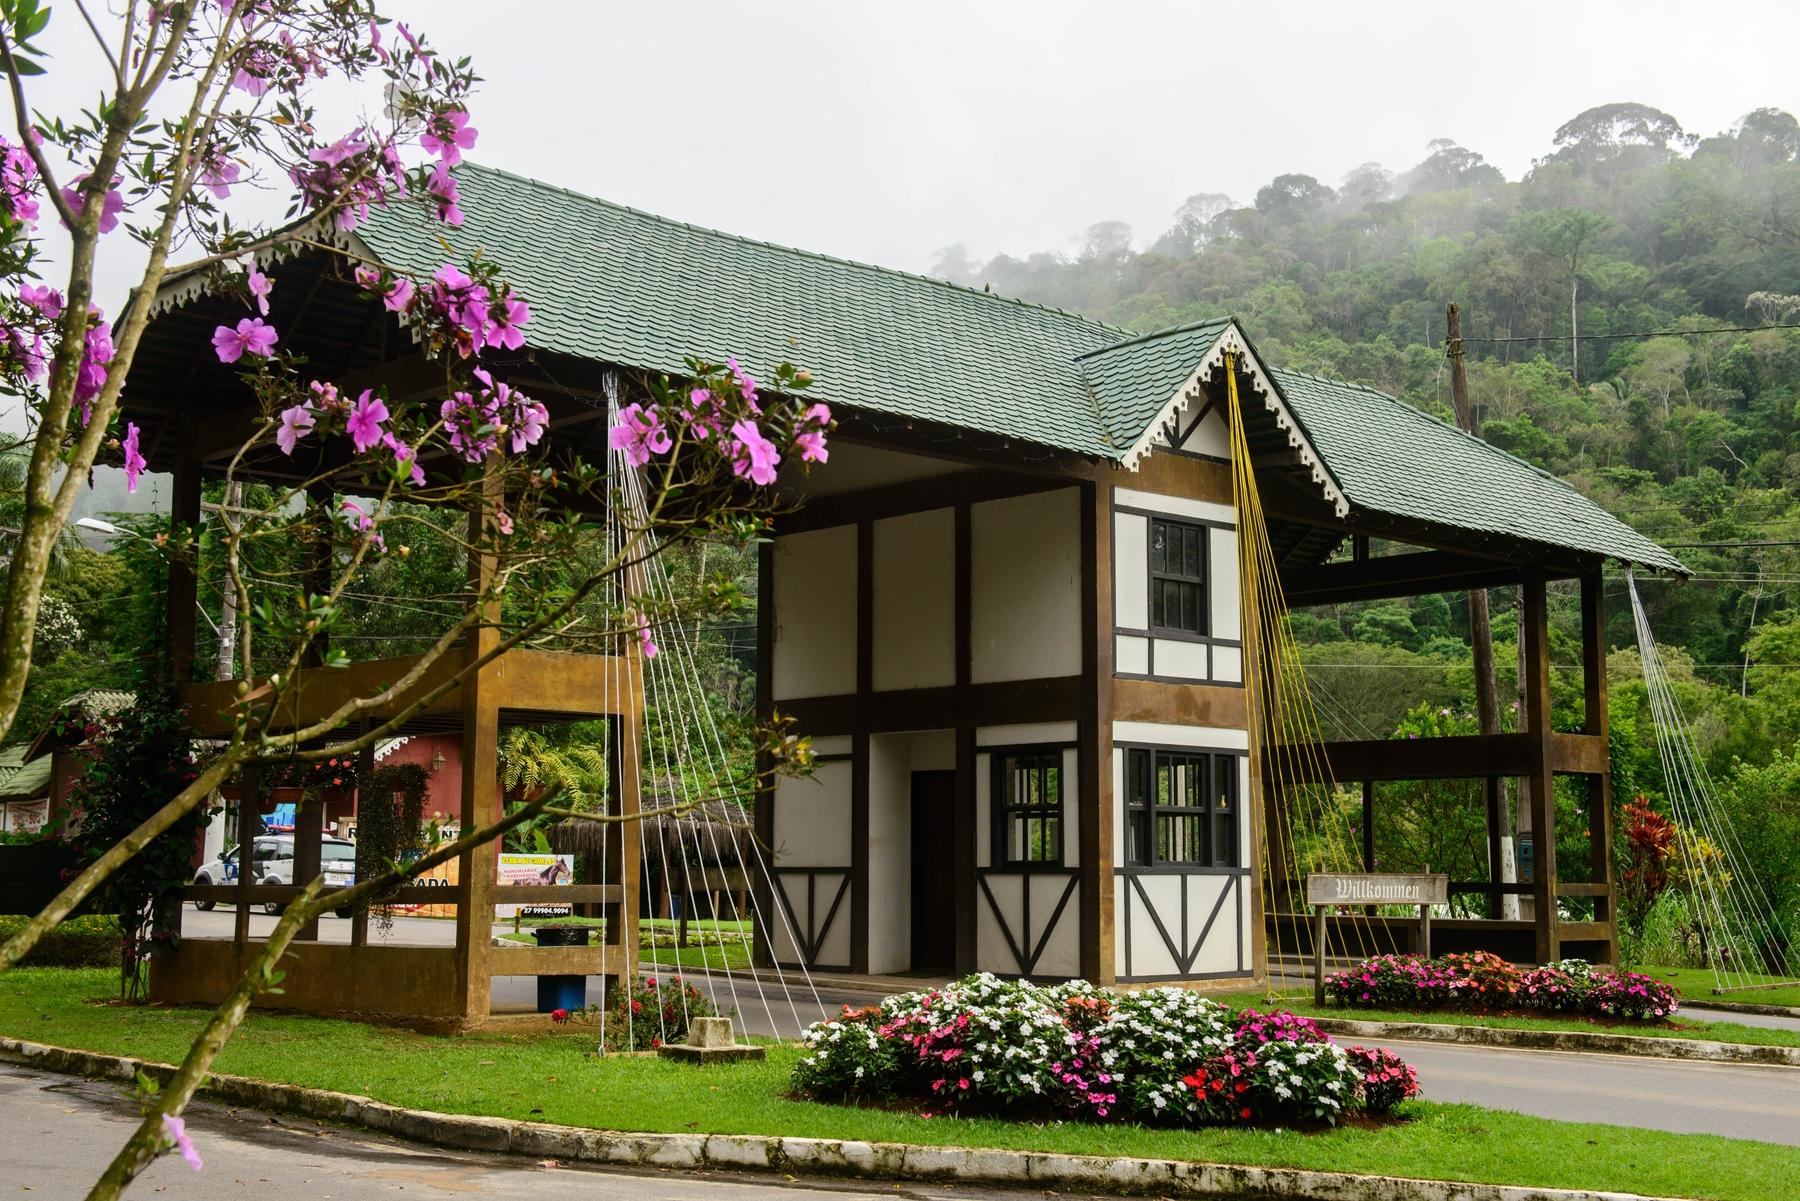 Portal de Domingos Martins, uma das cidades mais famosas das montanhas capixabas